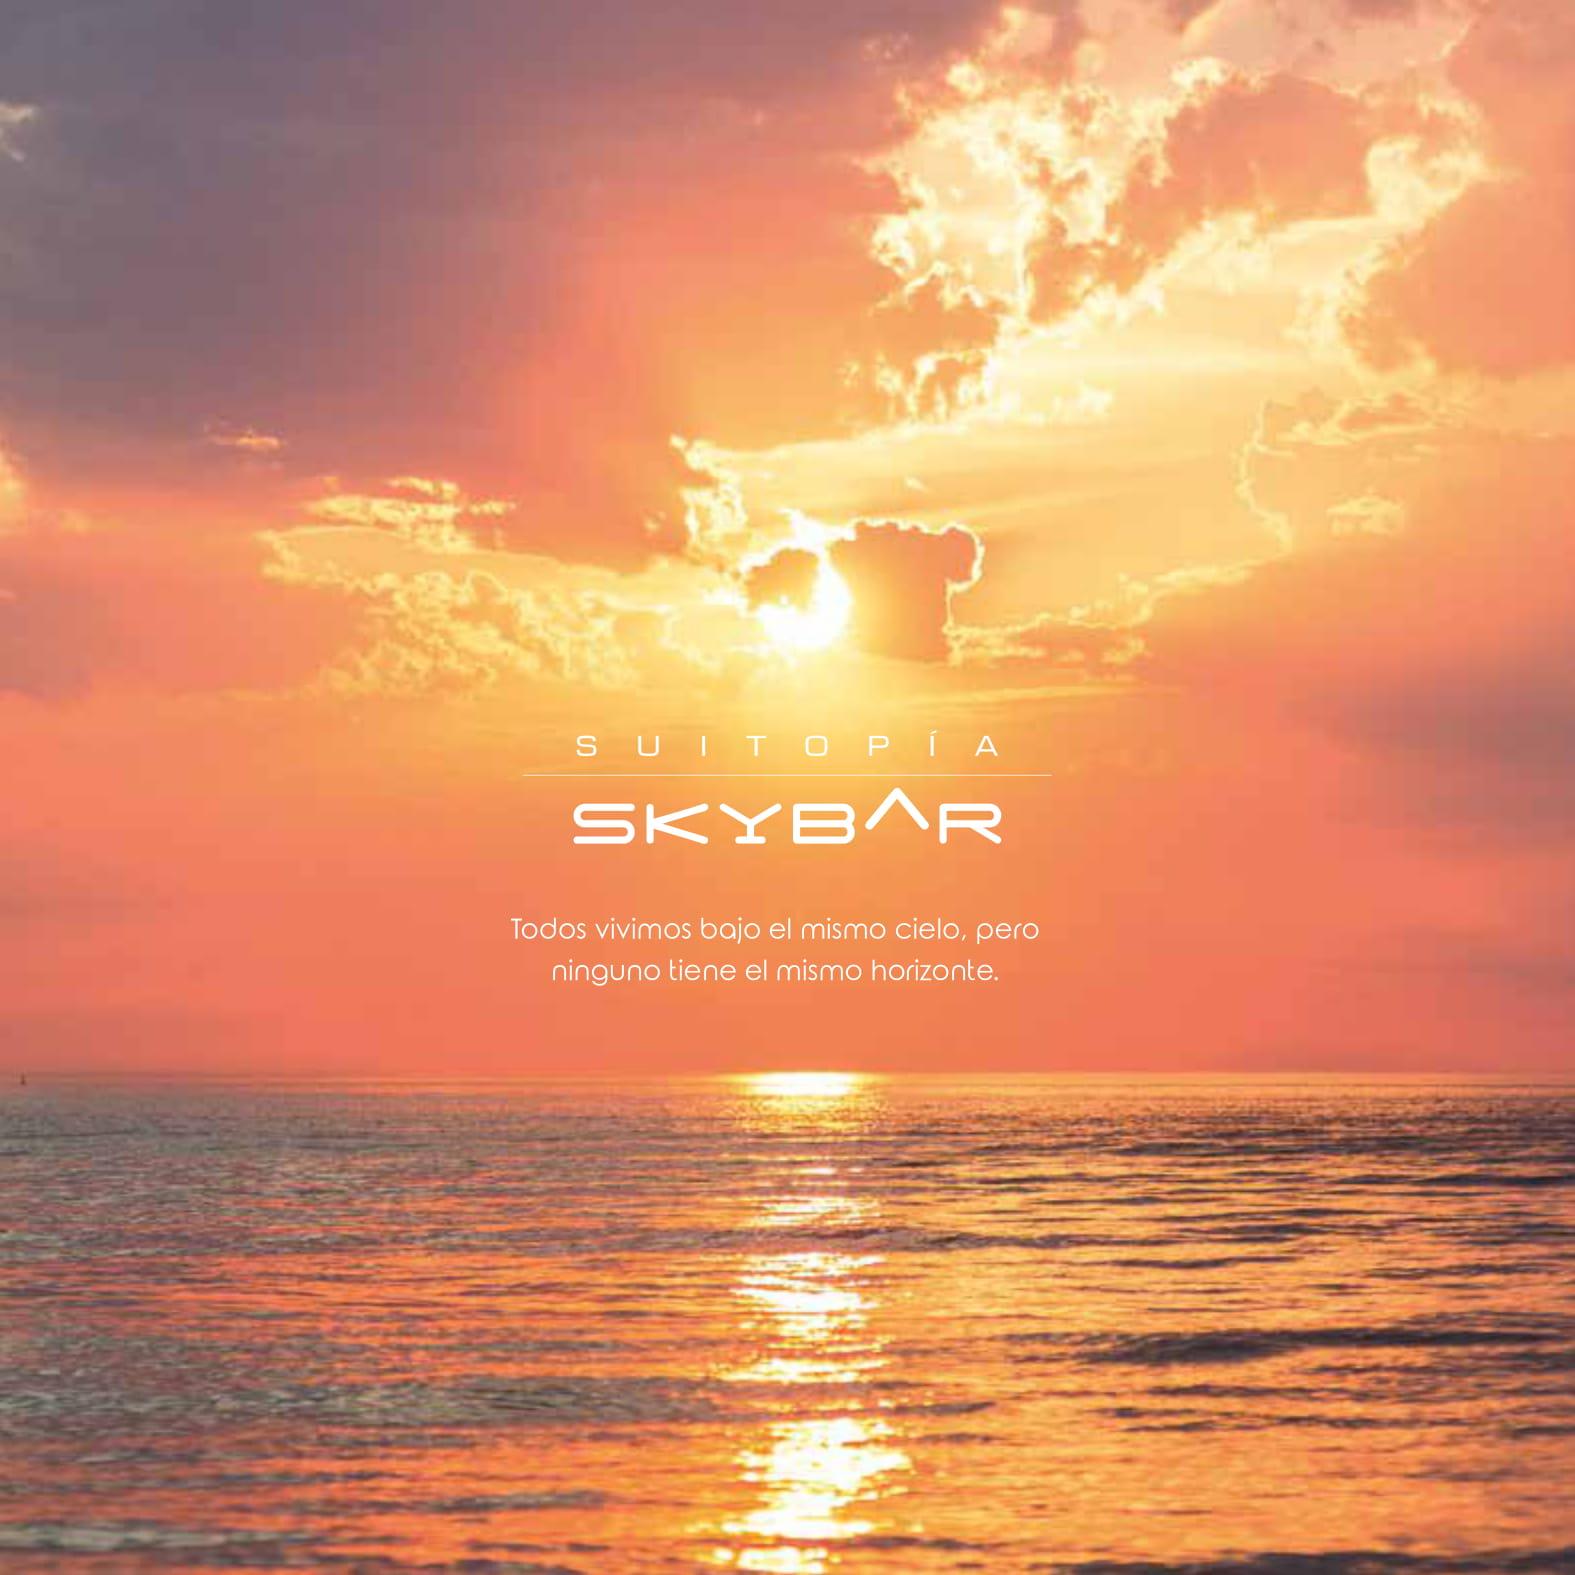 Carta_SkyBar_2020_Baja-15